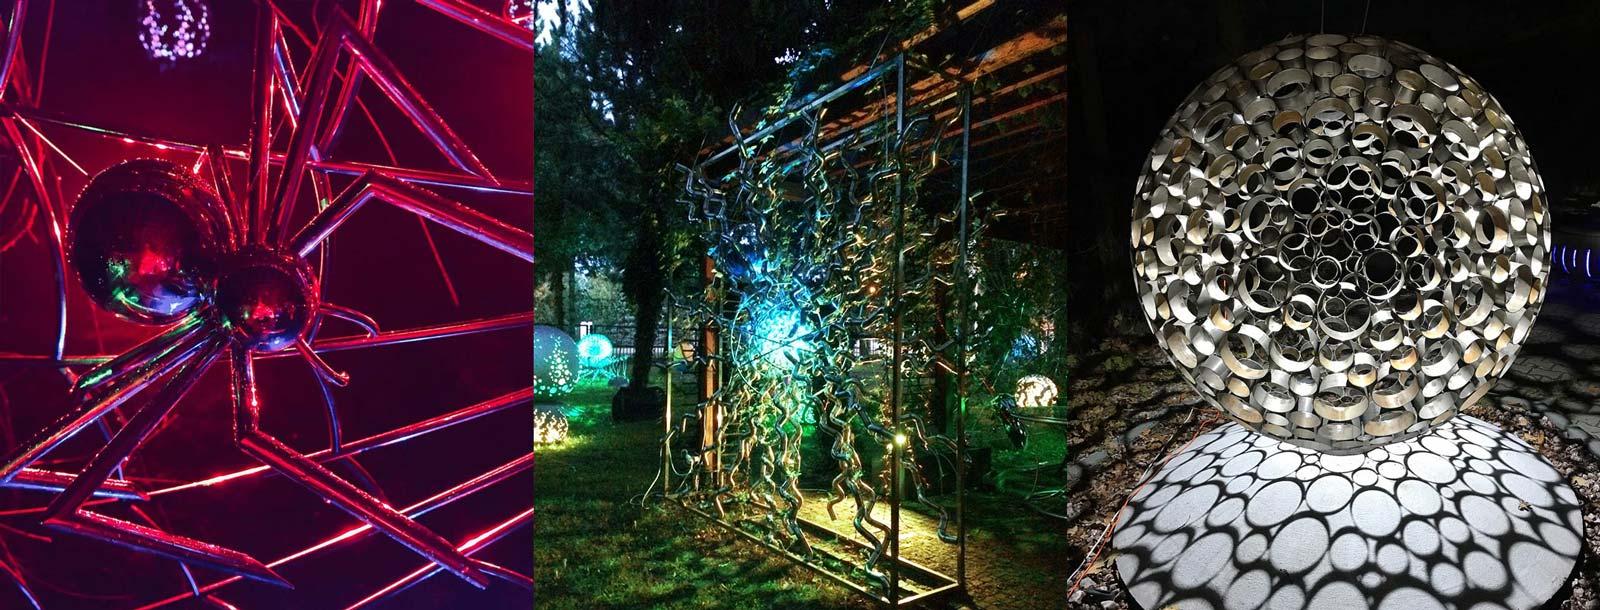 Ogrodowe dekoracje ze stali nierdzewnej świecące nocą